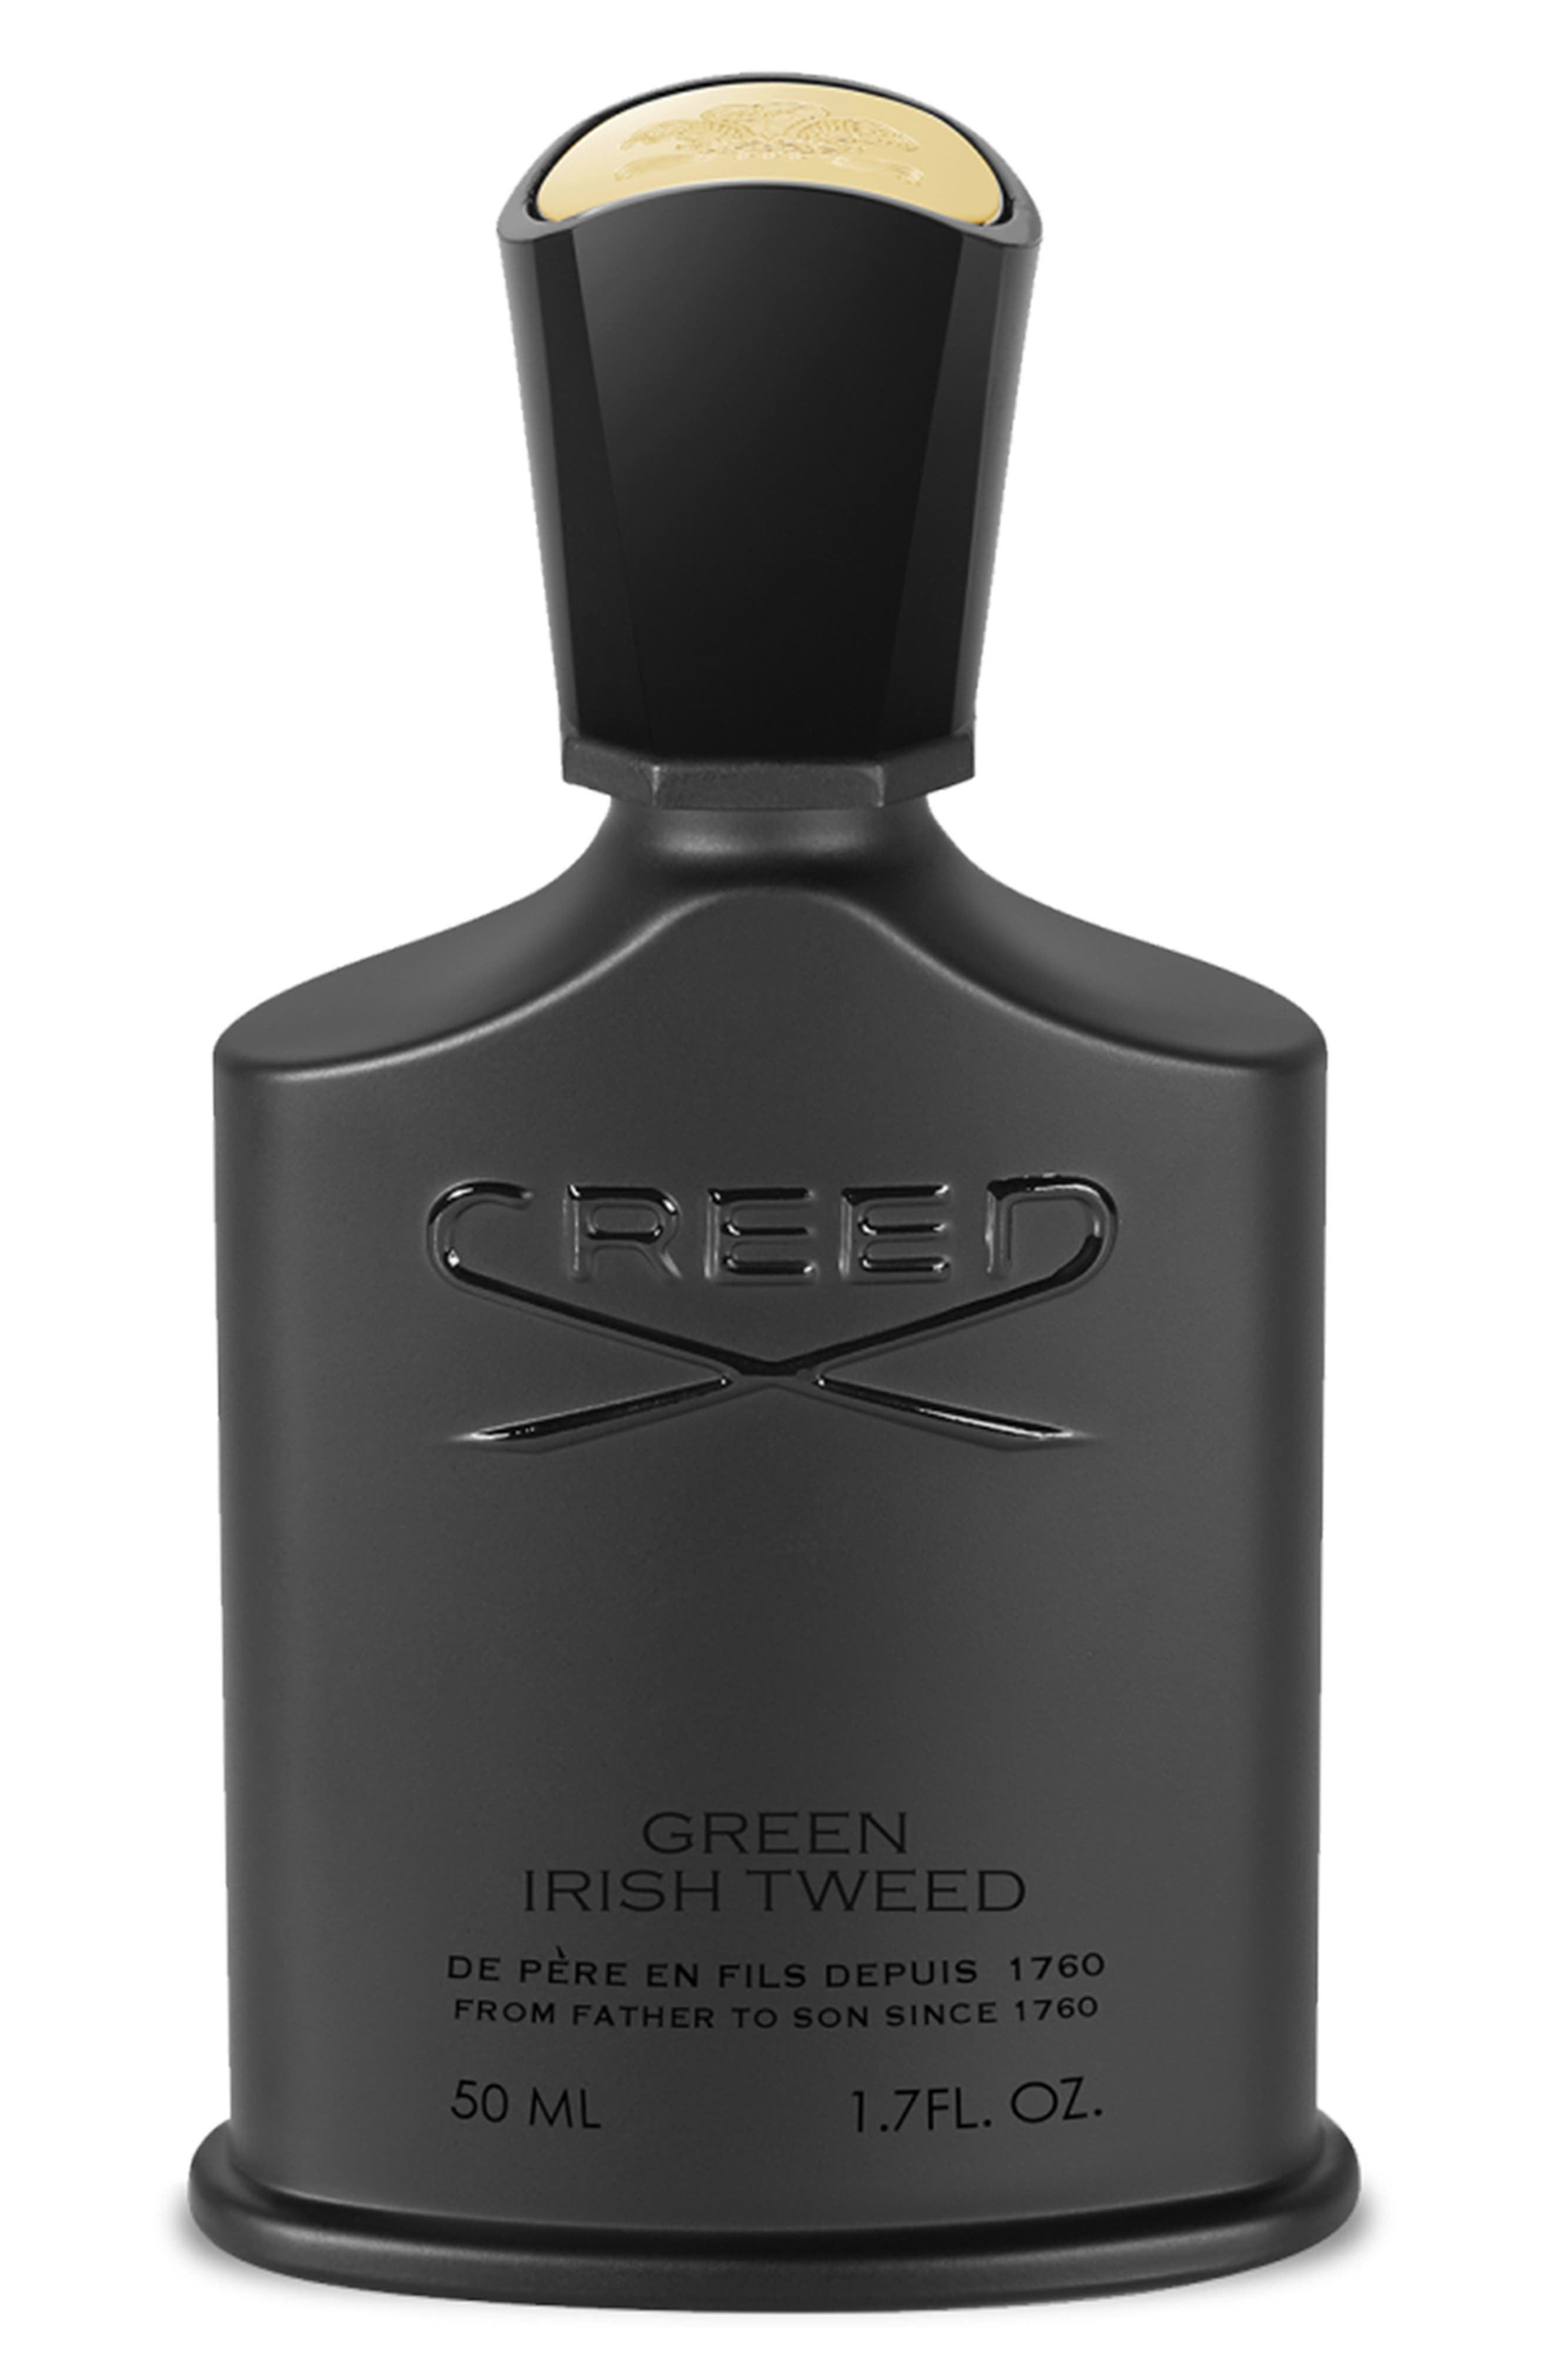 Green Irish Tweed Fragrance